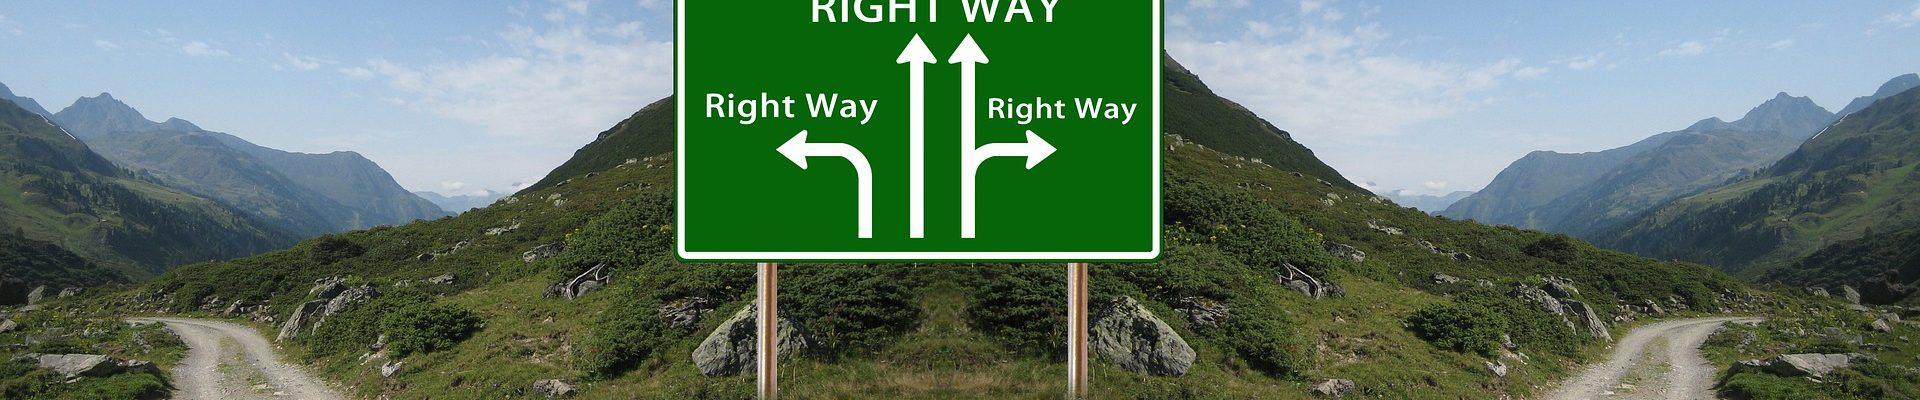 Teške odluke je najvažnije donijeti